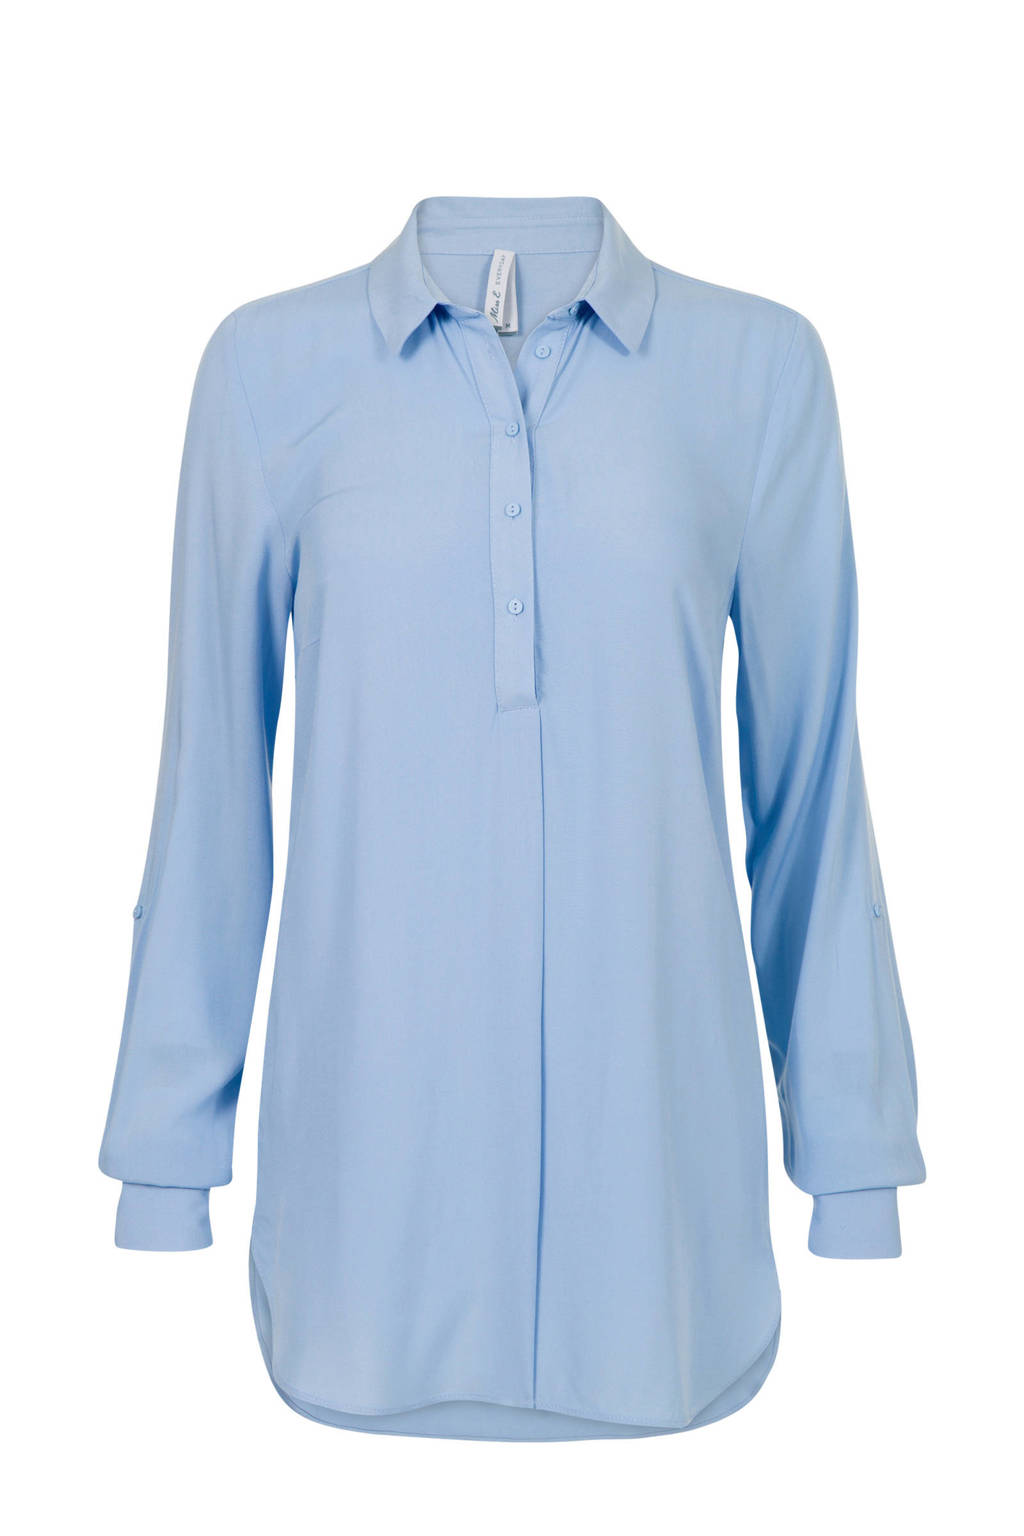 Miss Etam Lang blouse lichtblauw, Lichtblauw